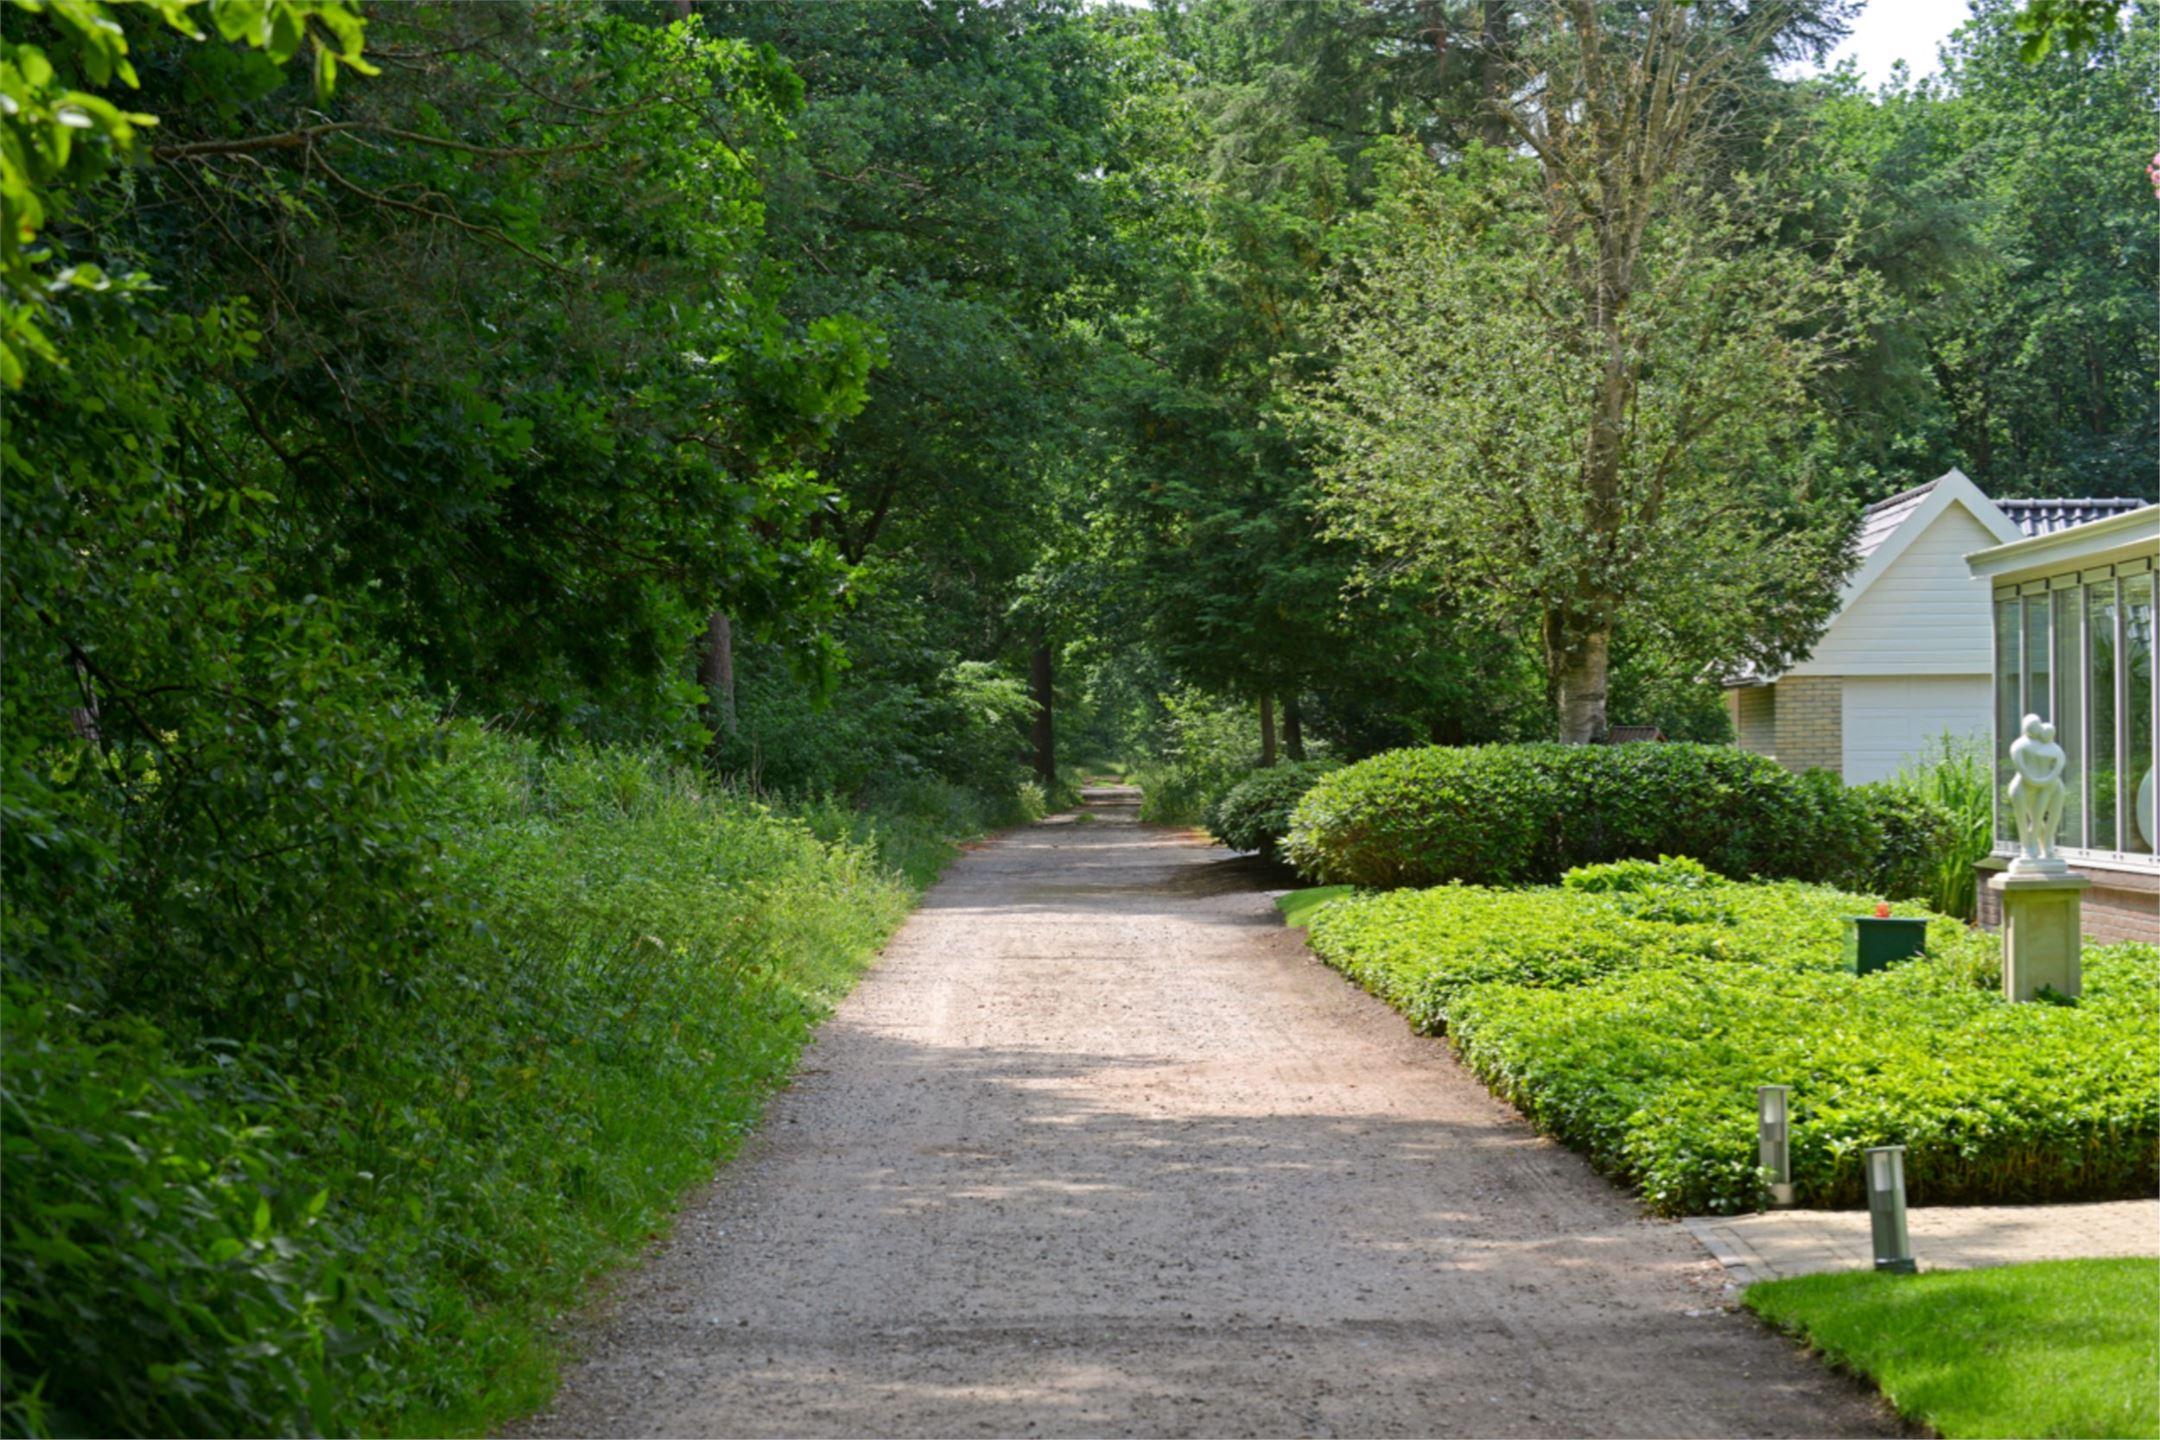 загородный дом дорожки газон клумбы